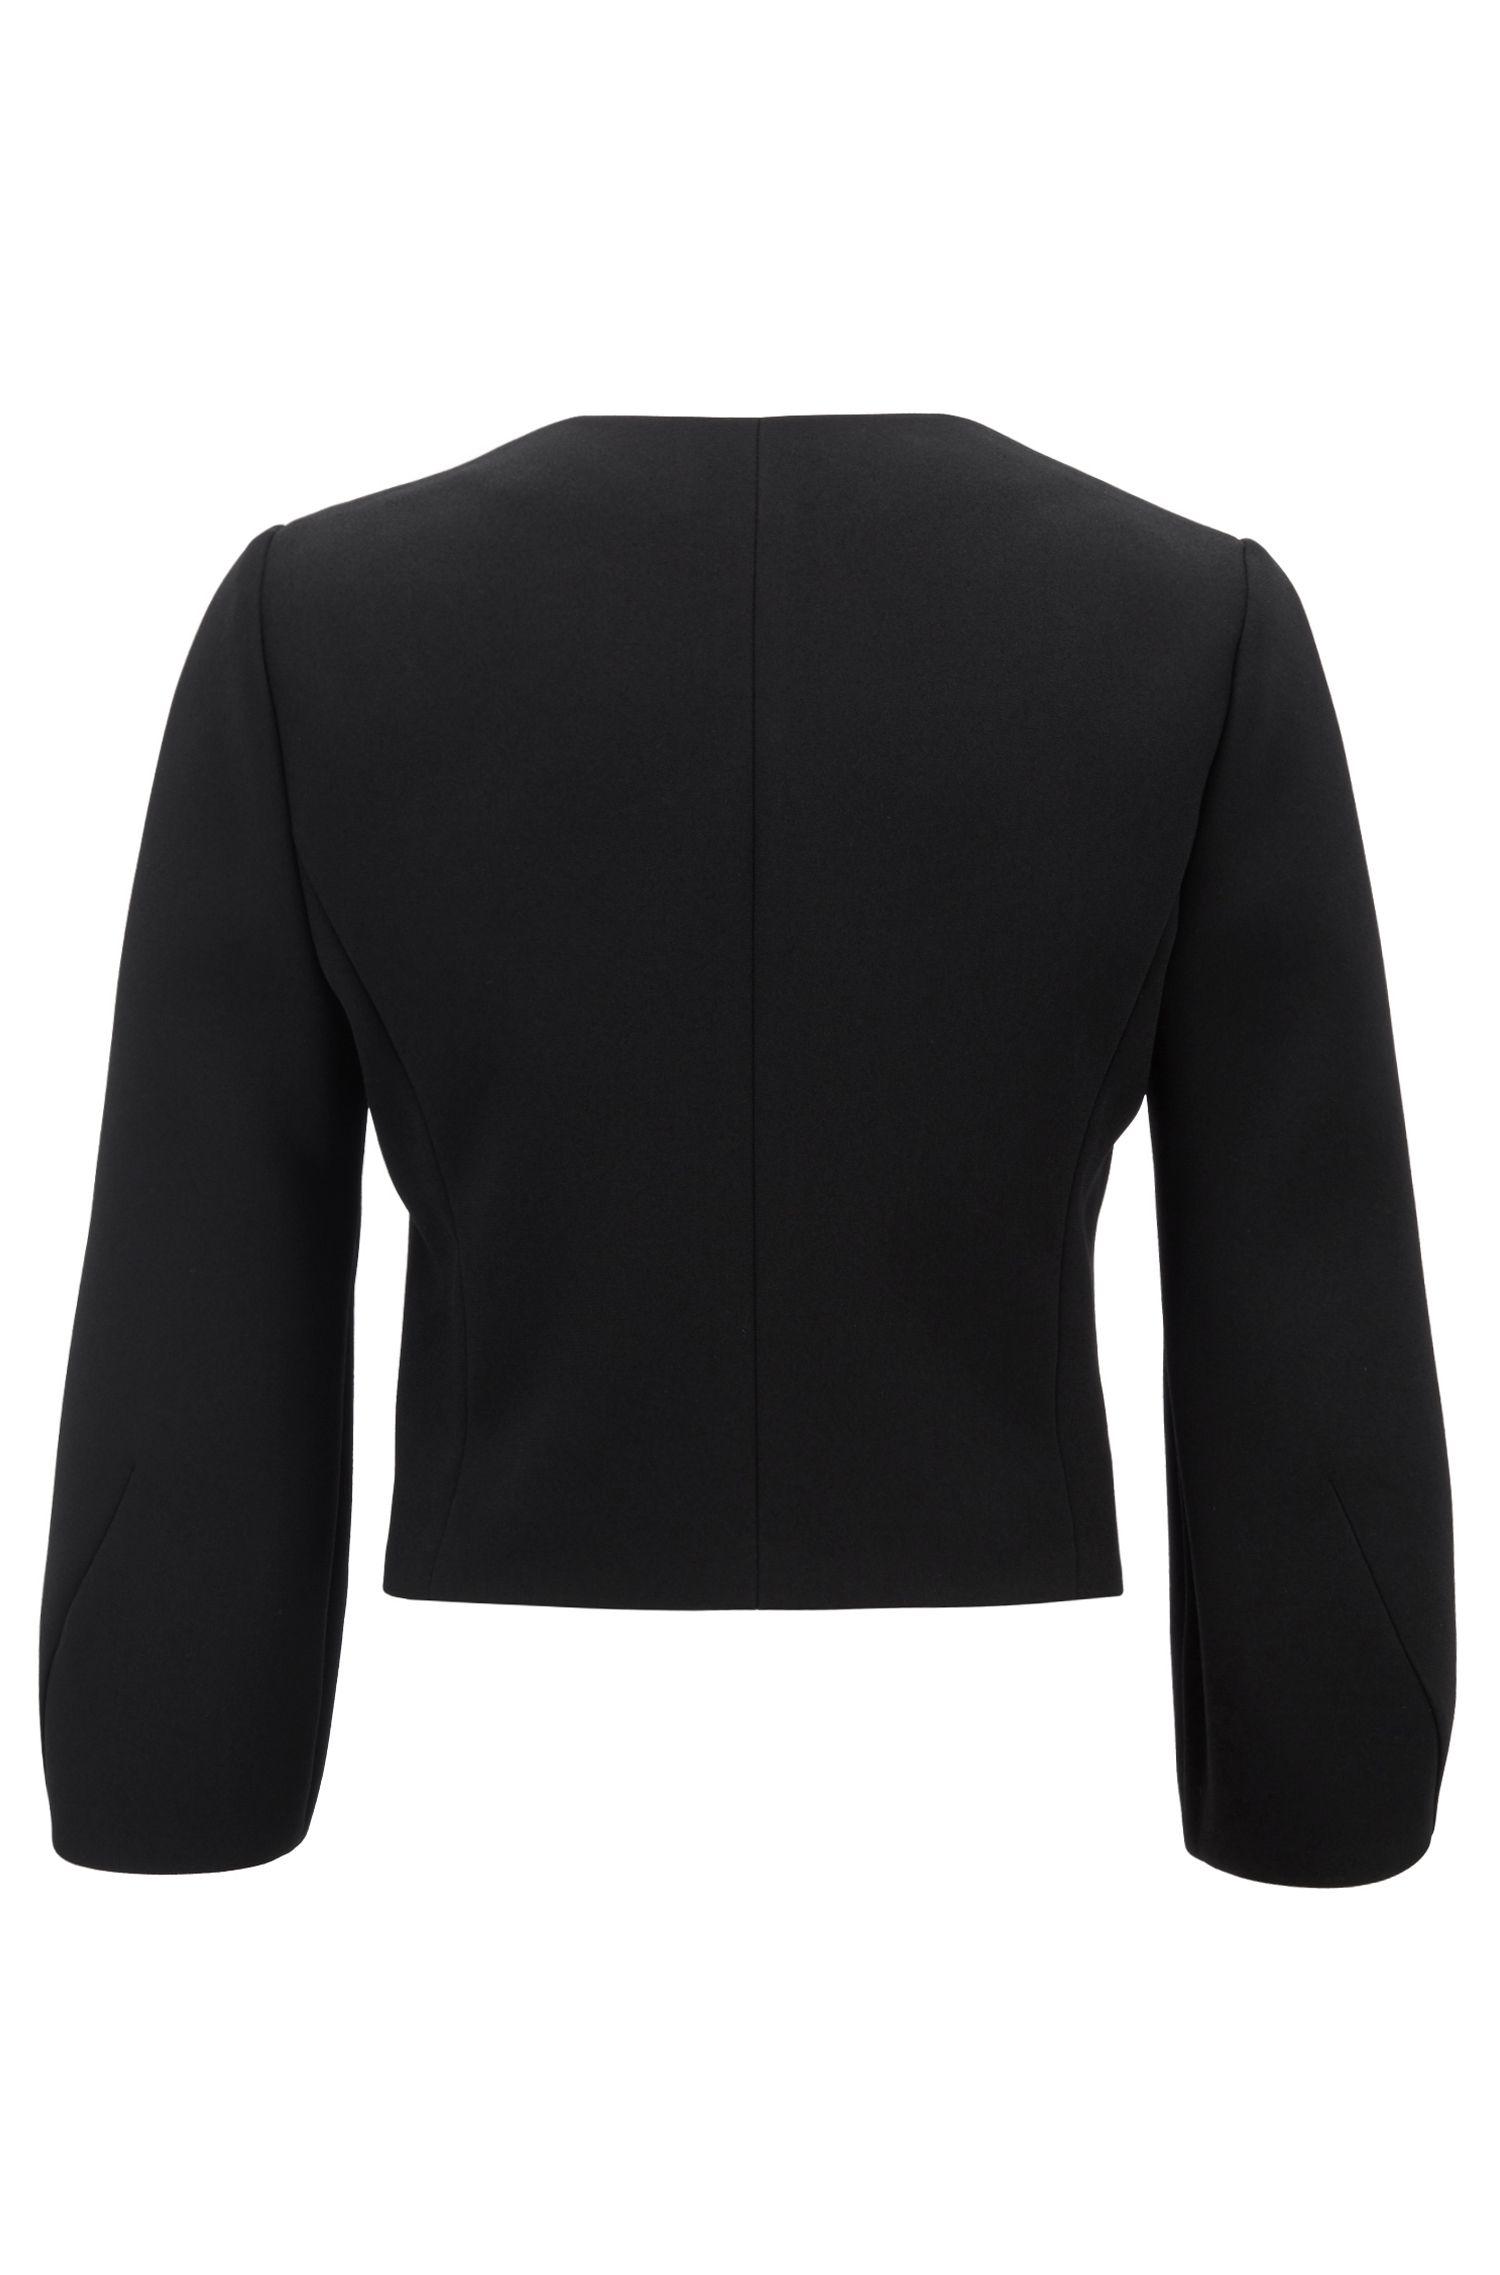 Regular-fit blazer in bonded Japanese crepe, Patterned